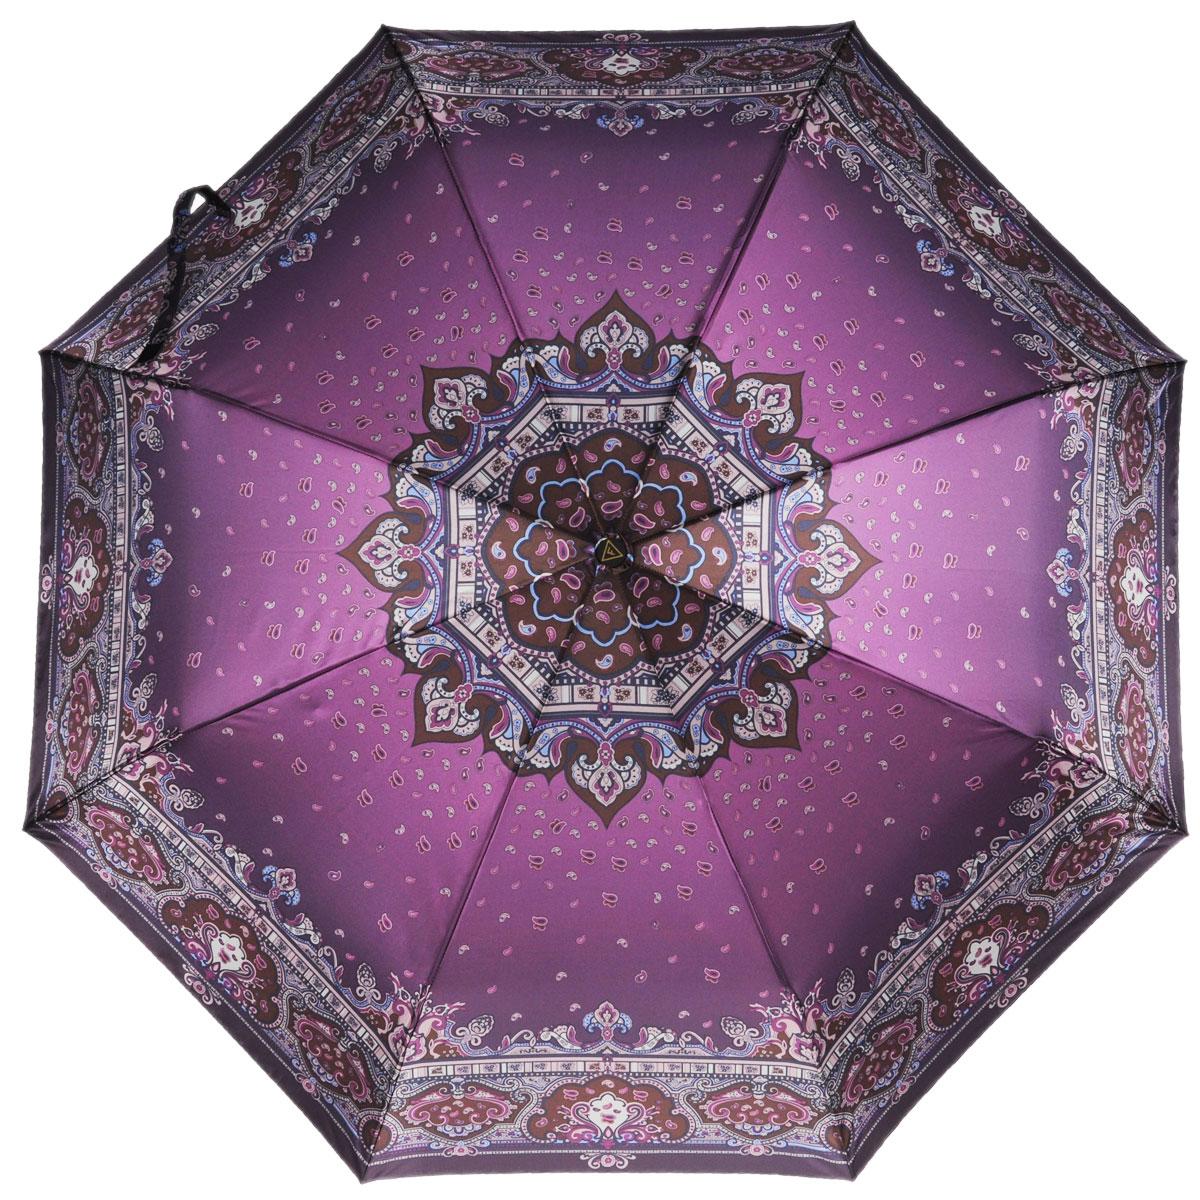 Зонт-автомат женский Fabretti, 3 сложения, цвет: фиолетовый, коричневый, бежевый. S-15109-5Fabretti S-15109-5Классический зонт торговой марки Fabretti, произведенный из качественных материалов, идеально подойдет для женщин. Купол зонтика выполнен из полиэстера, обработанного водоотталкивающей пропиткой, и оформлен изящным орнаментом. Каркас зонта выполнен из восьми металлических спиц, стержня и ручки с полиуретановым покрытием, разработанной с учетом требований эргономики. Зонт оснащен полным автоматическим механизмом в три сложения. Купол открывается и закрывается нажатием кнопки на рукоятке, благодаря чему открыть и закрыть зонт можно одной рукой, что чрезвычайно удобно при входе в транспорт или помещение, стержень складывается вручную до характерного щелчка. На рукоятке для удобства есть небольшой шнурок, позволяющий надеть зонт на руку тогда, когда это будет необходимо. Компактные размеры зонта в сложенном виде позволят ему без труда поместиться в сумочке и не доставят никаких проблем во время переноски. К зонту прилагается чехол на молнии. Женский...